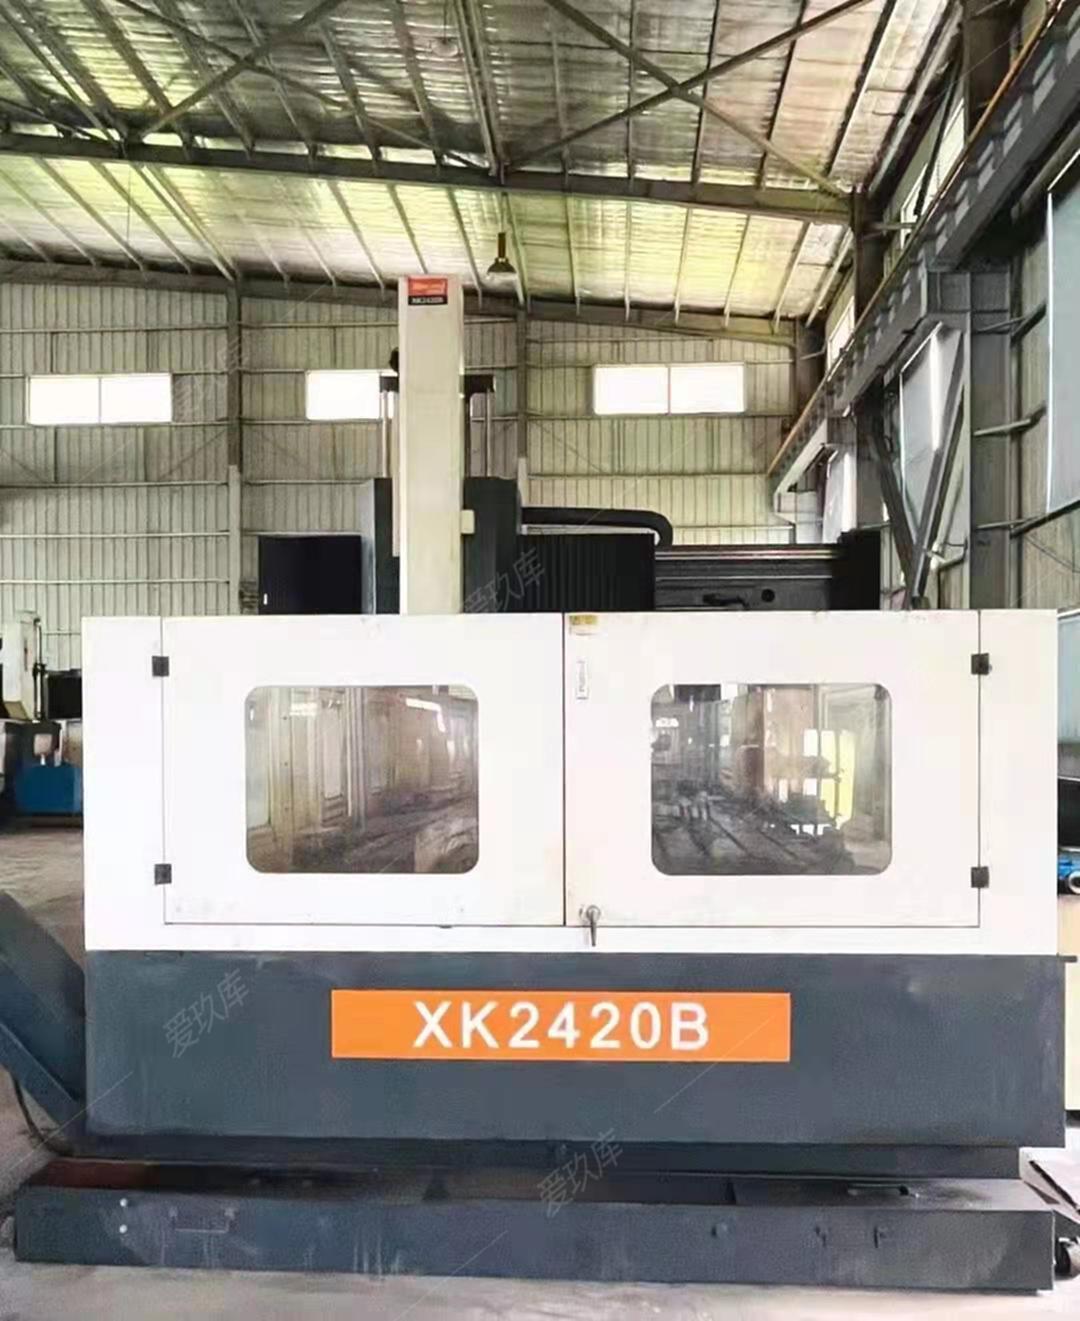 出售漢川機床廠2009年產XK2420B龍門加工中心